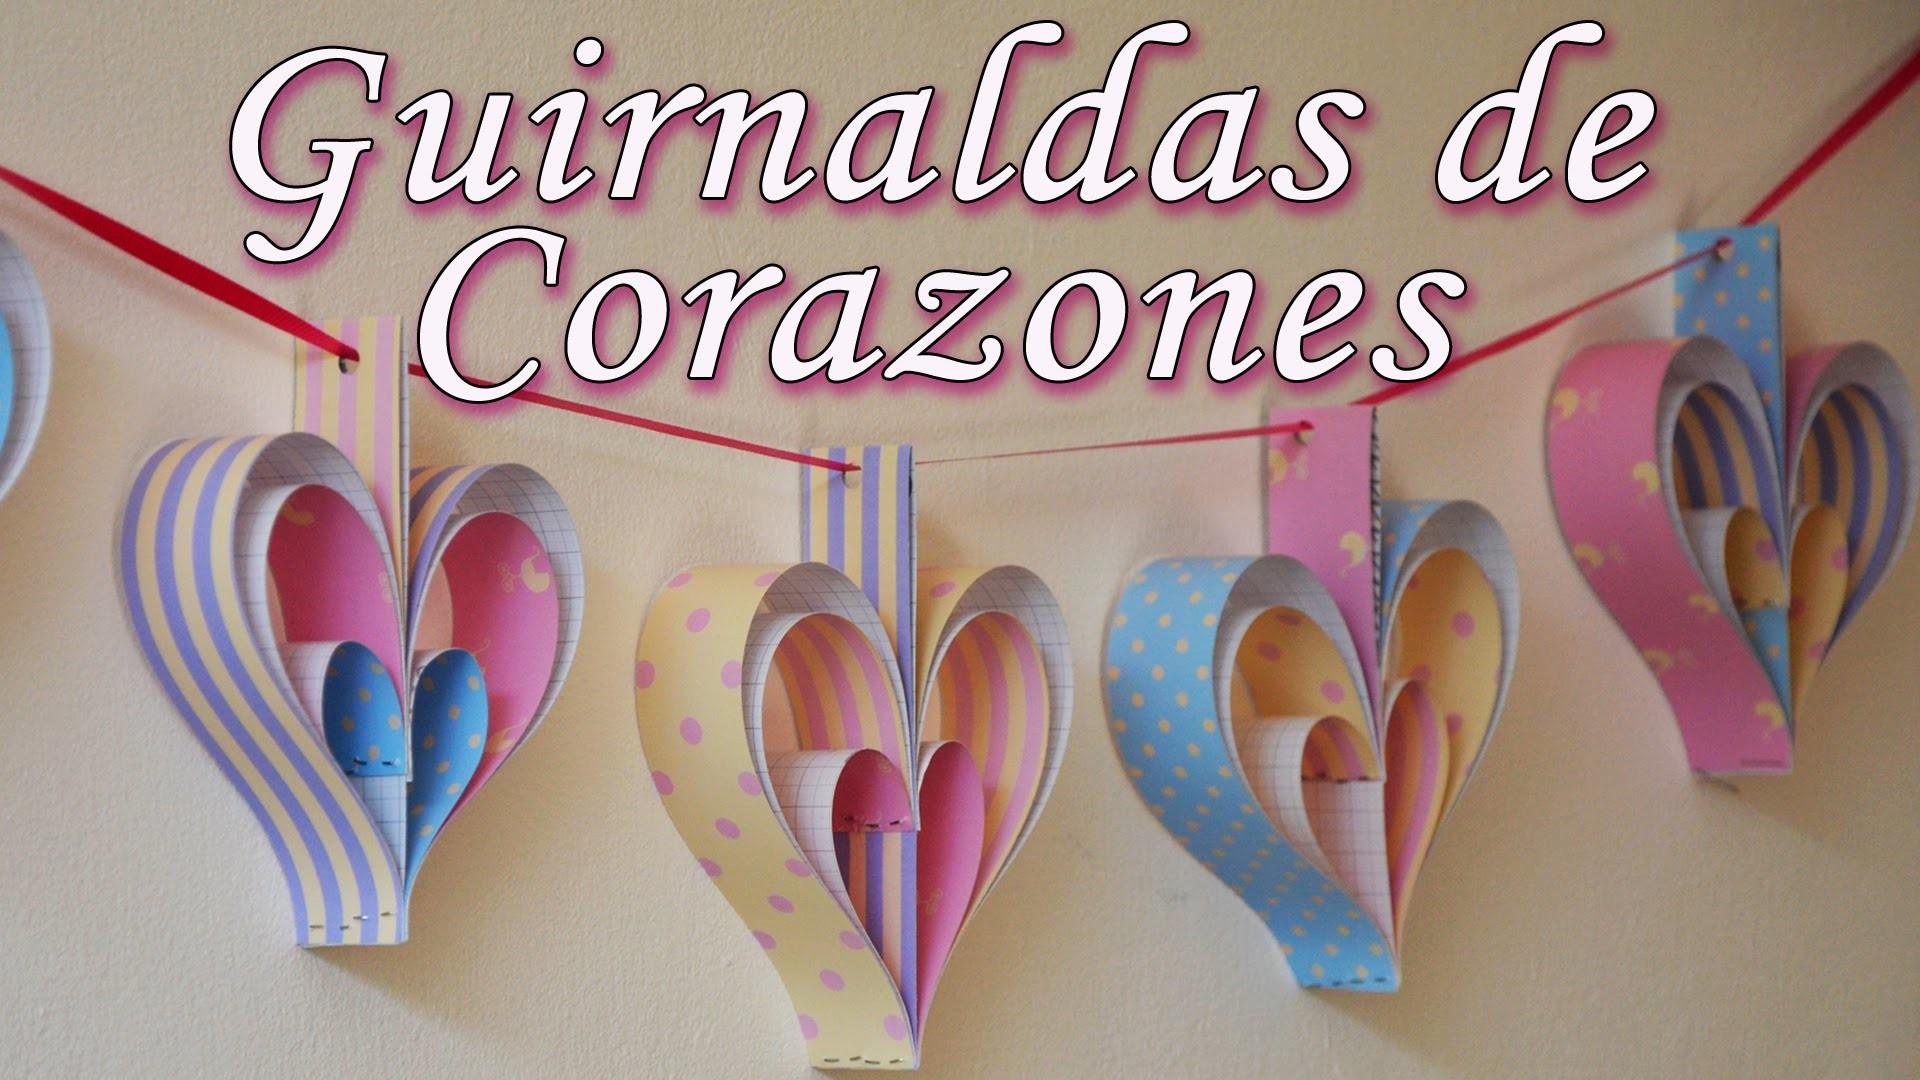 Manualidades: Decoración de fiestas - 2 guirnaldas de corazones [Fáciles] - Manualidades para todos